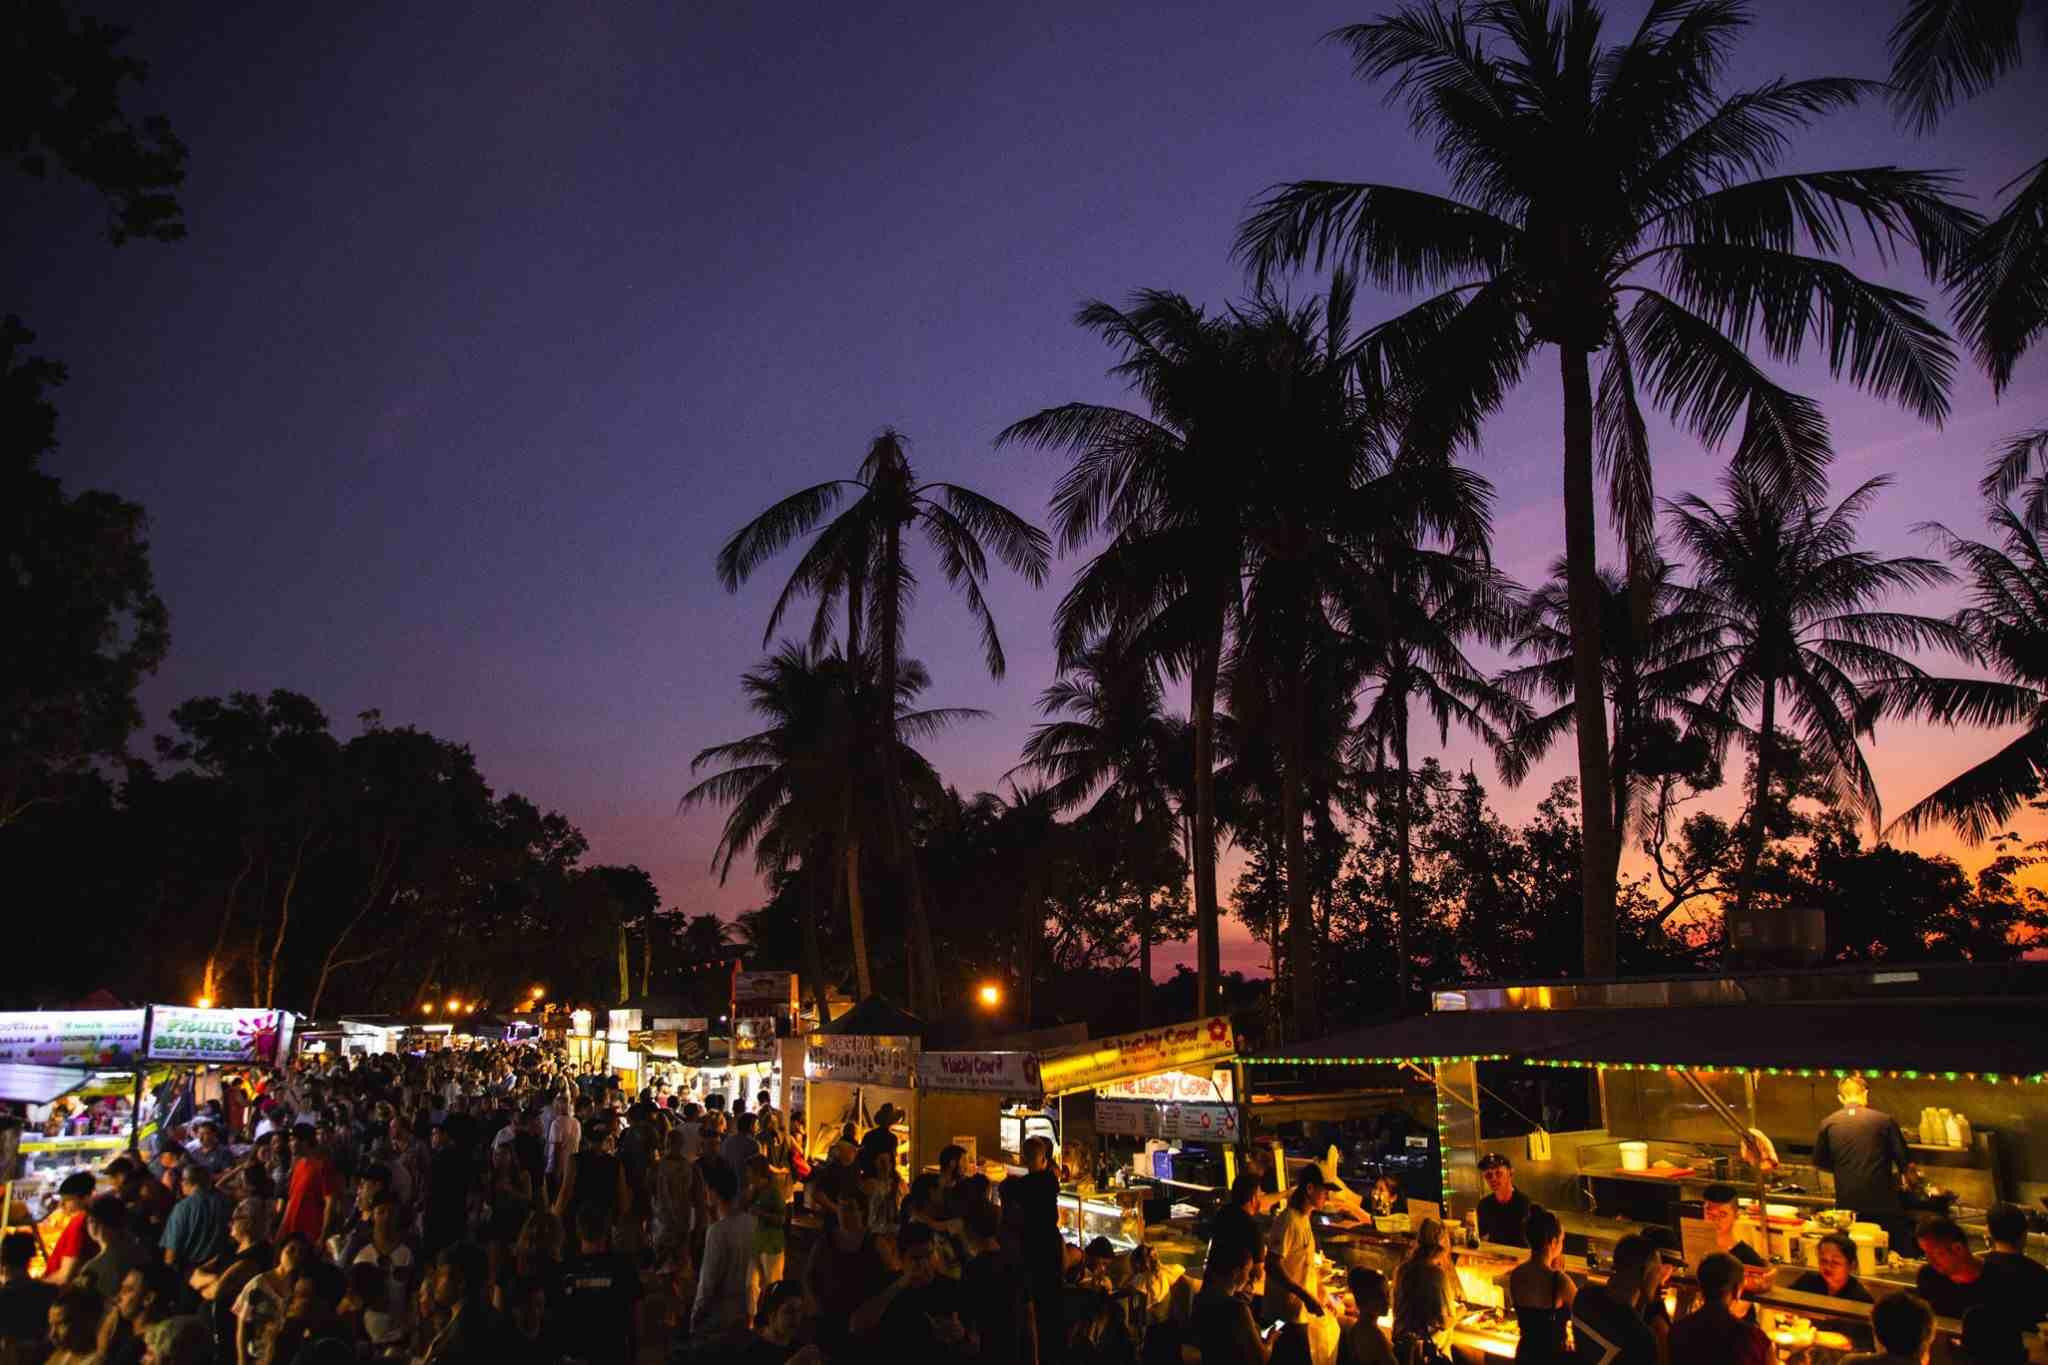 Mercado Mindil Beach Sunset Market